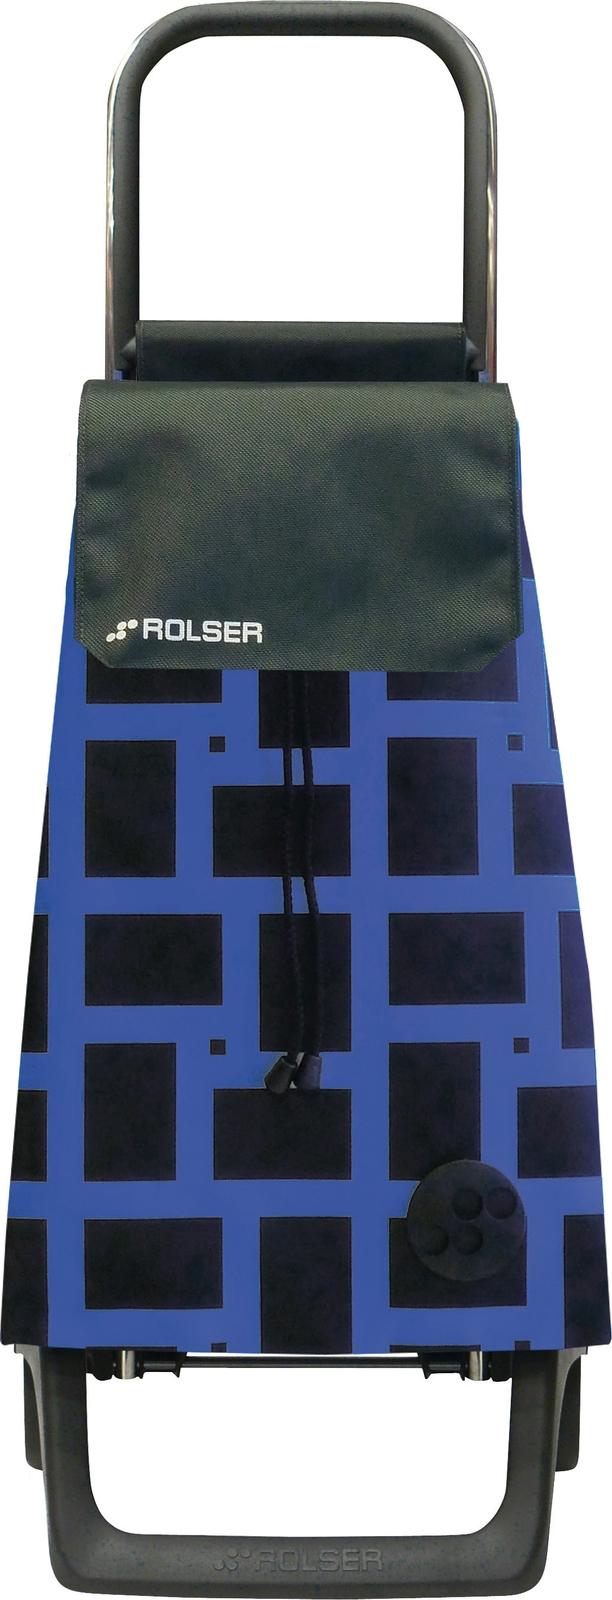 Сумка-тележка Rolser JOY-1800, цвет: синий, 32 л. BAB028 сумка тележка rolser logic rg цвет синий 41 л pep004